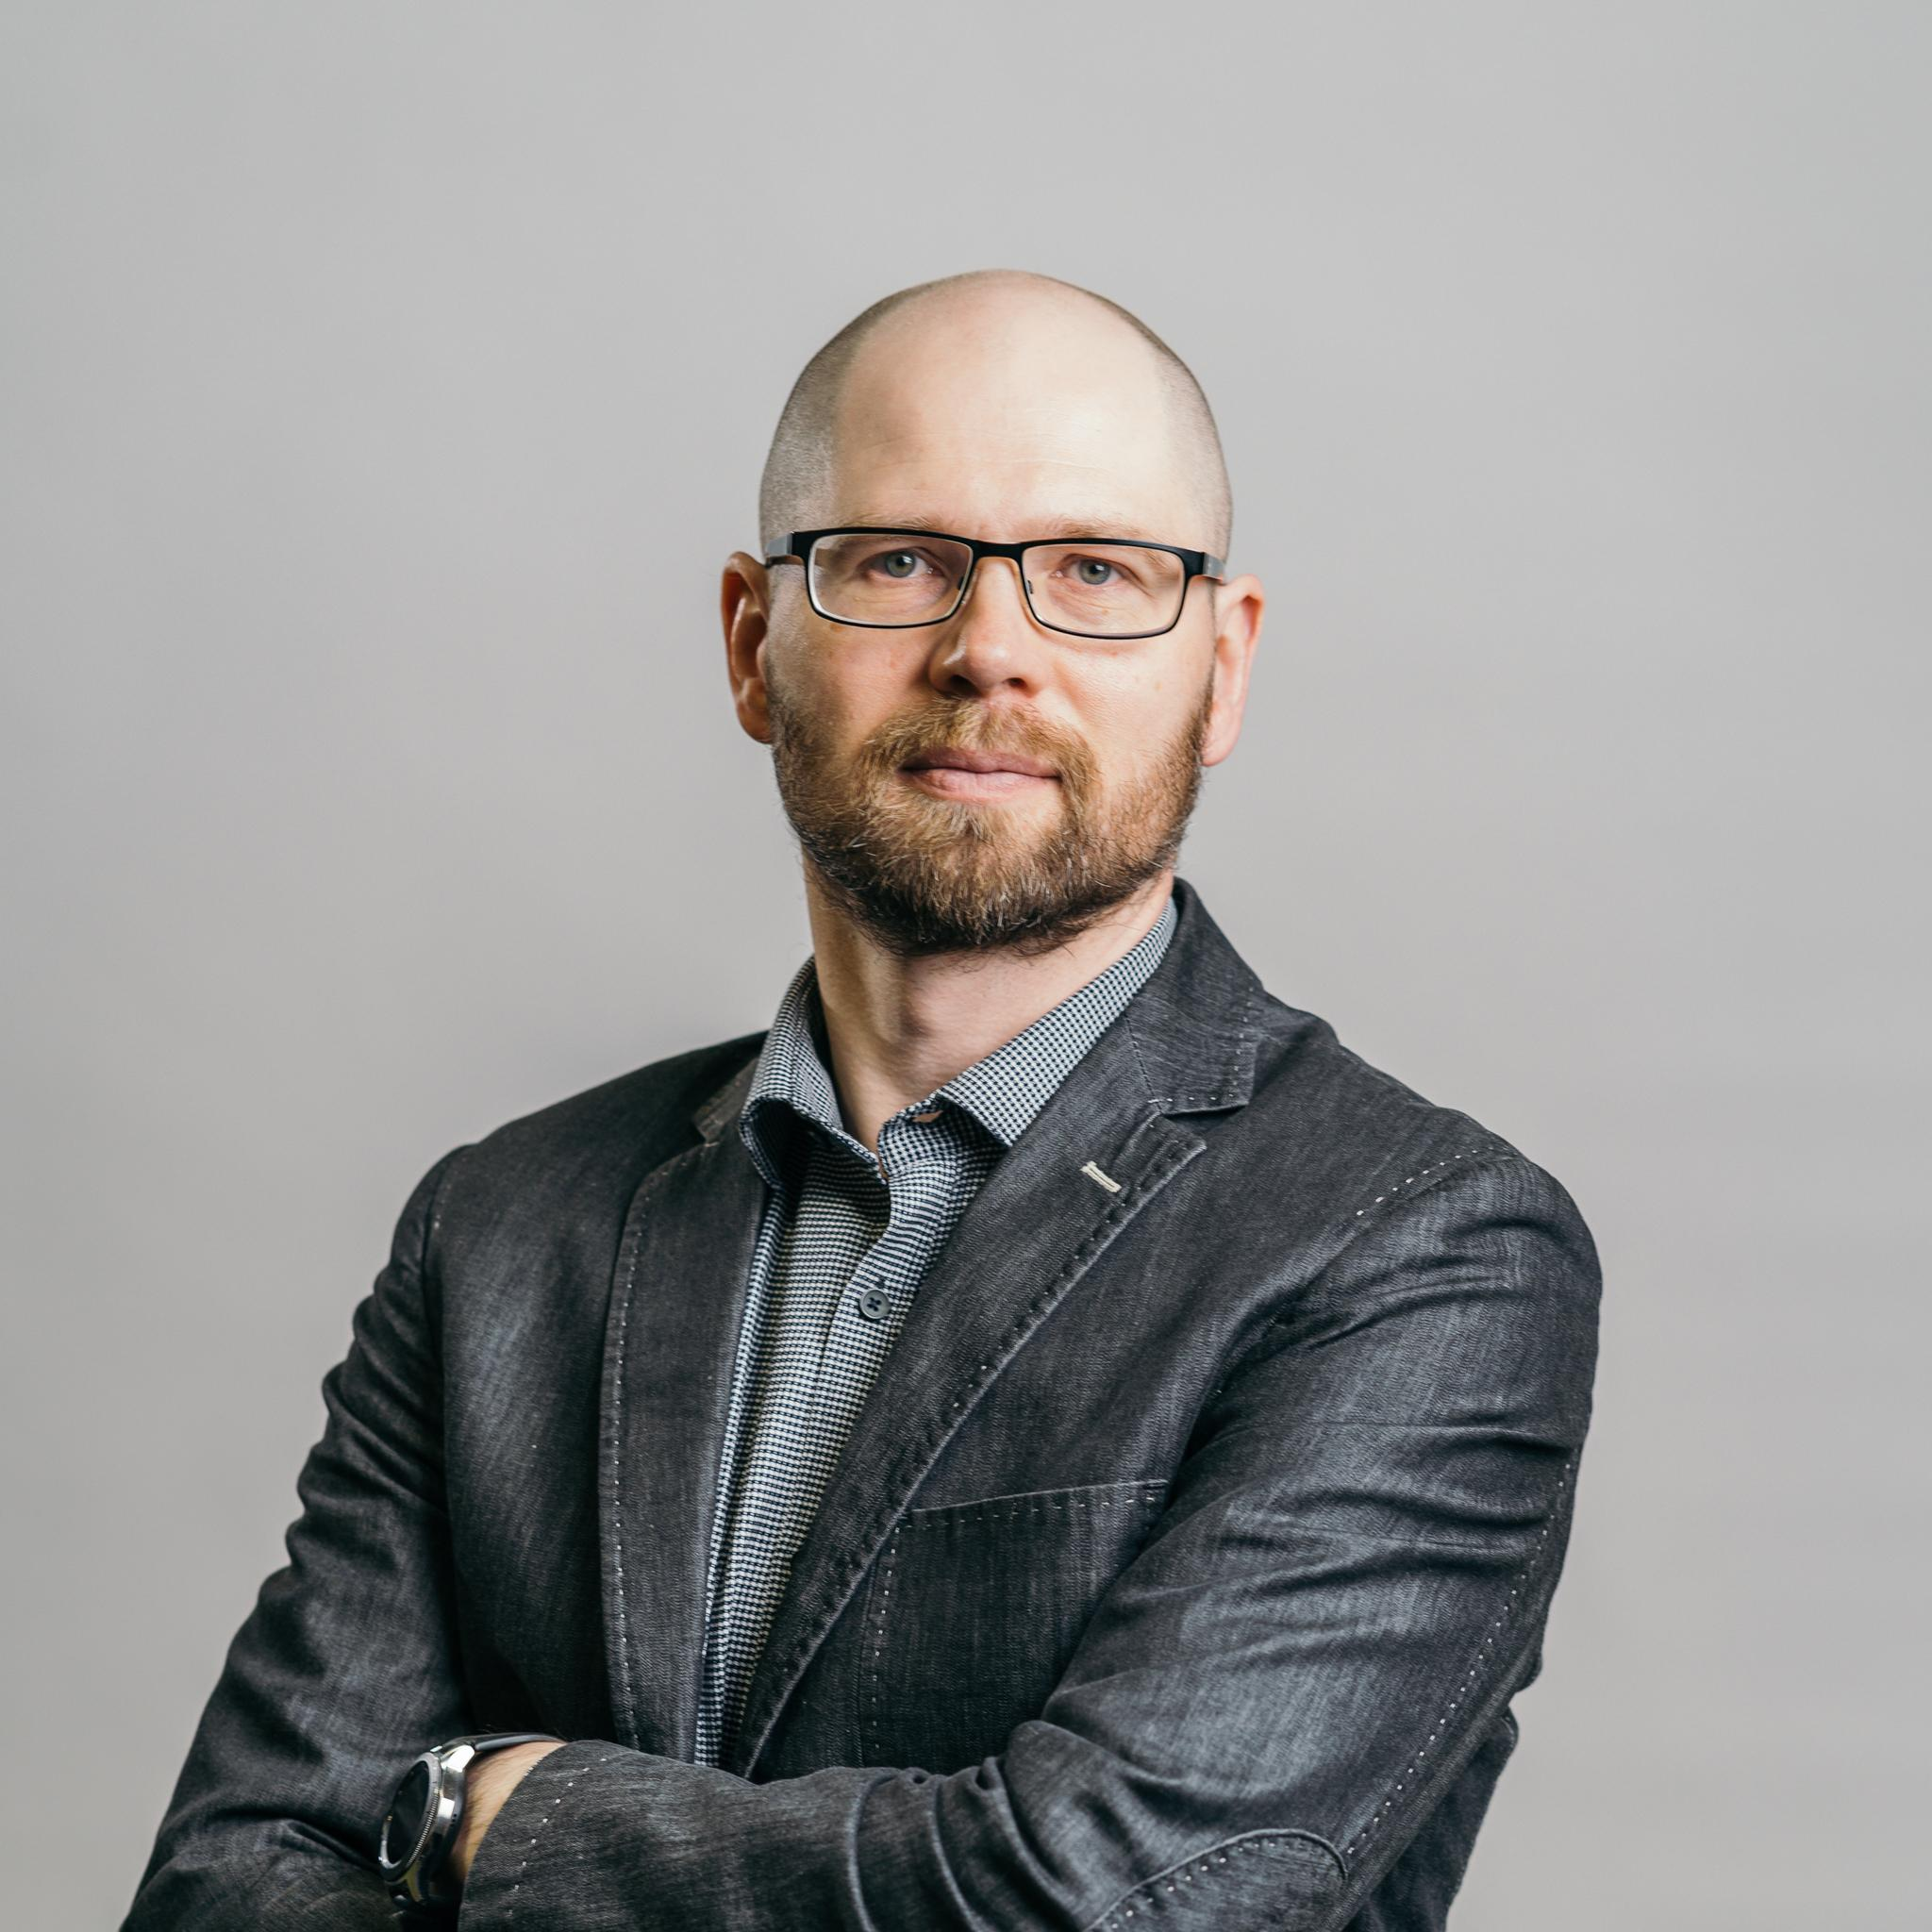 Photo of Janne Valkonen